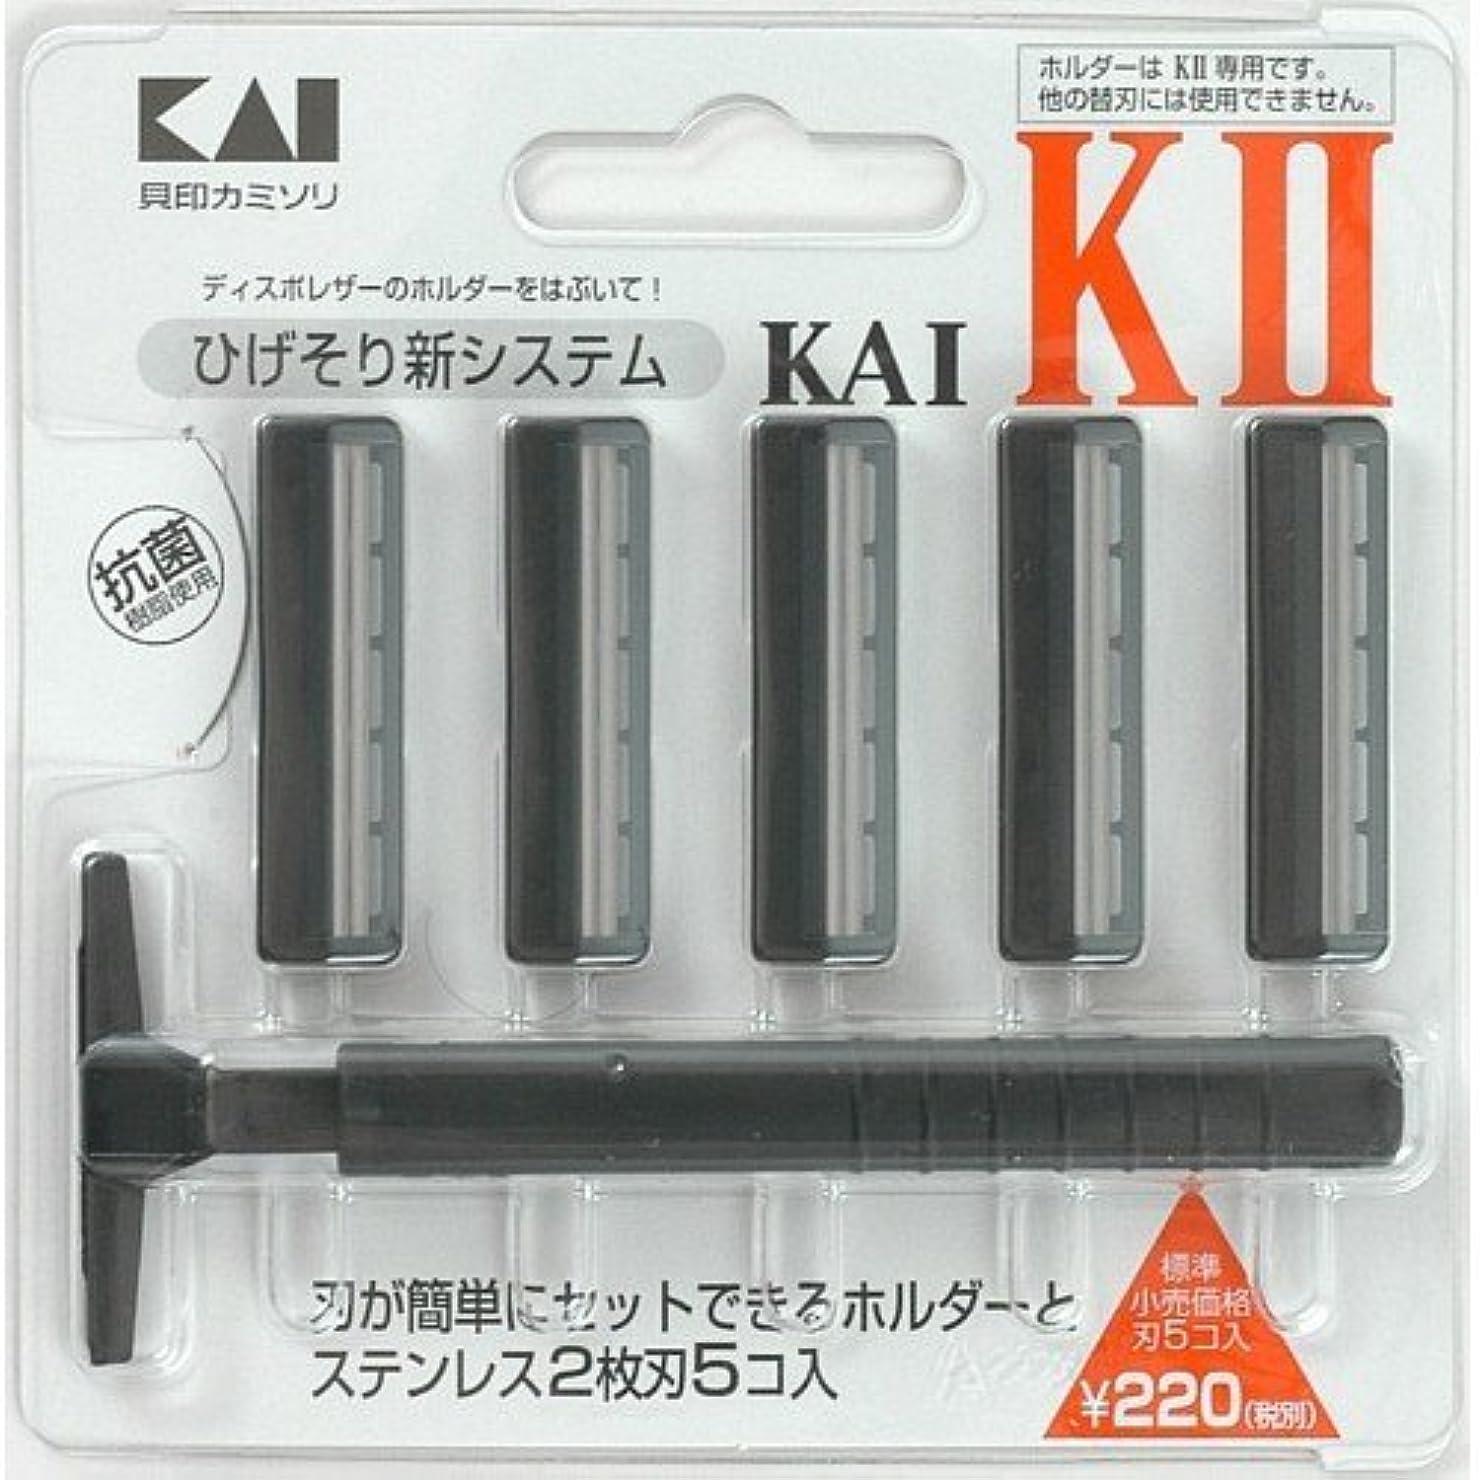 コンドーム嘆く発送K-2 使い捨てカミソリ ホルダー+5個入